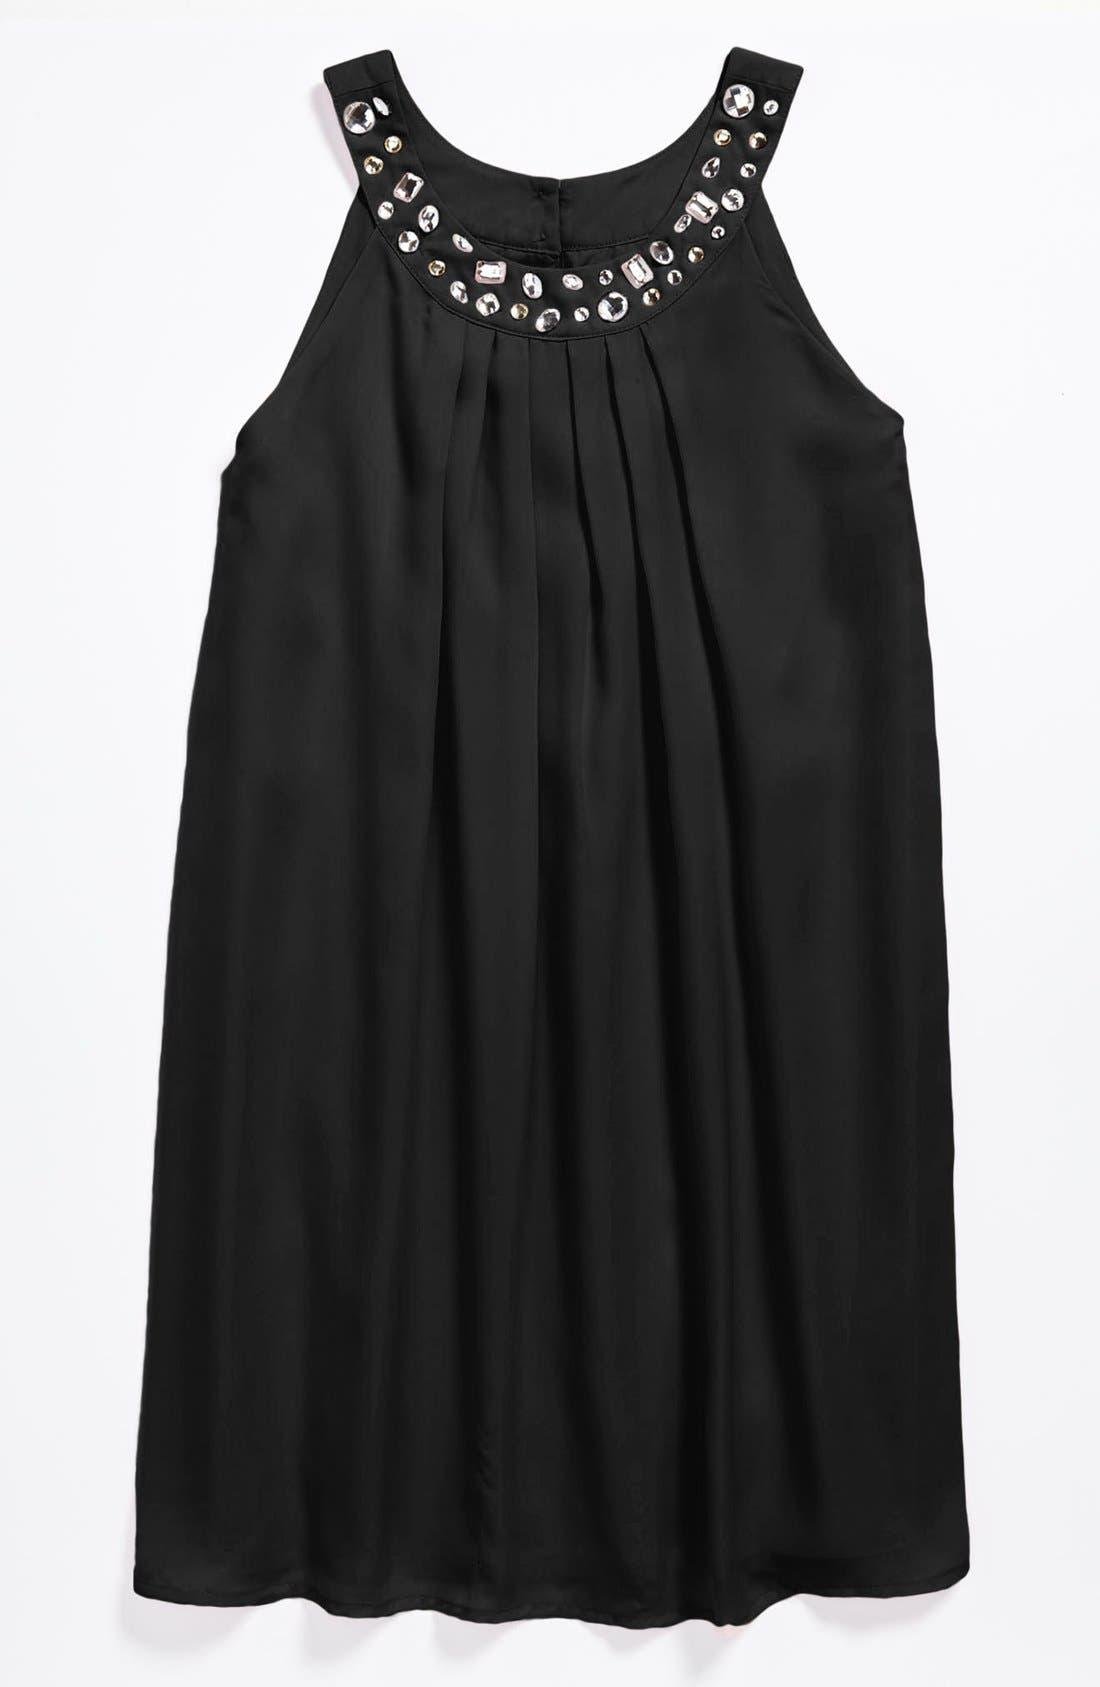 Main Image - BLUSH by Us Angels Chiffon Trapeze Dress (Big Girls)